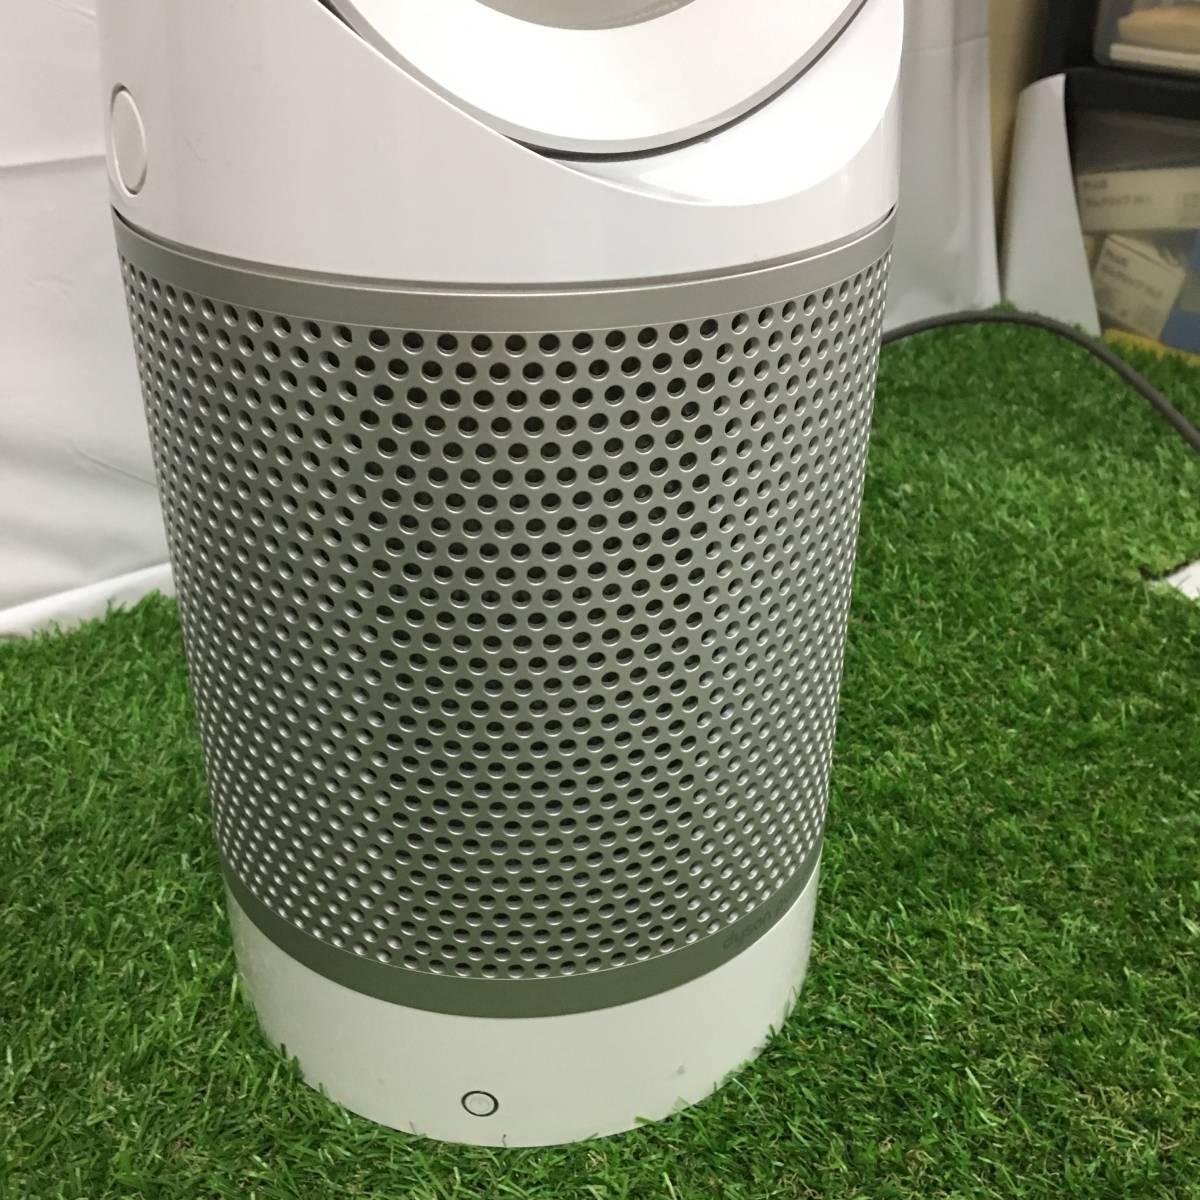 dyson ダイソン タワーファン ピュアクール 空気清浄機 扇風機 AM11 リモコンなし ホワイト _画像3